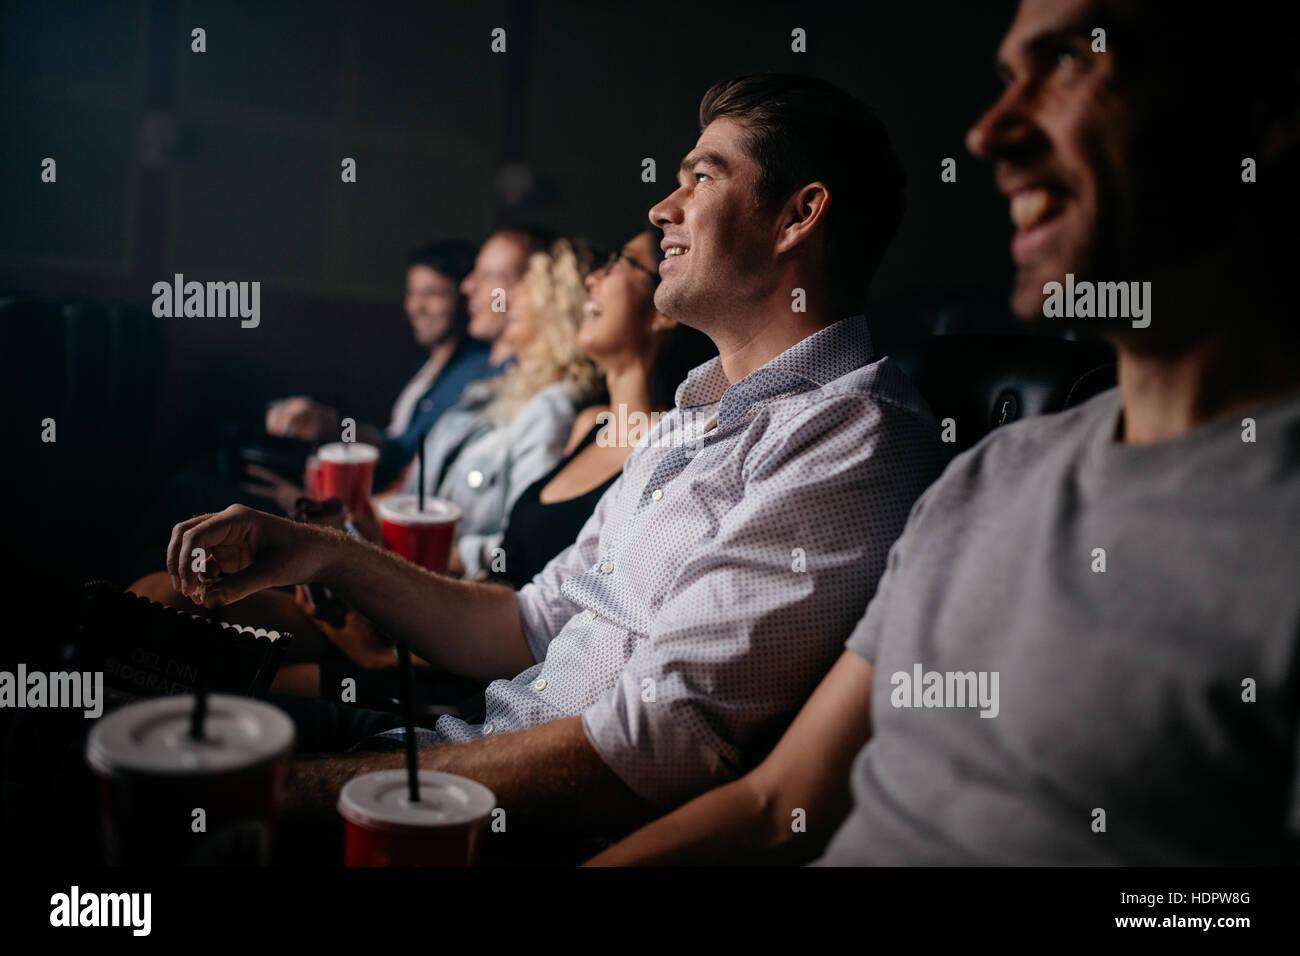 Grupo de jóvenes sentados en la sala de cine viendo la película. Grupo multirracial de amigos viendo la película Foto de stock